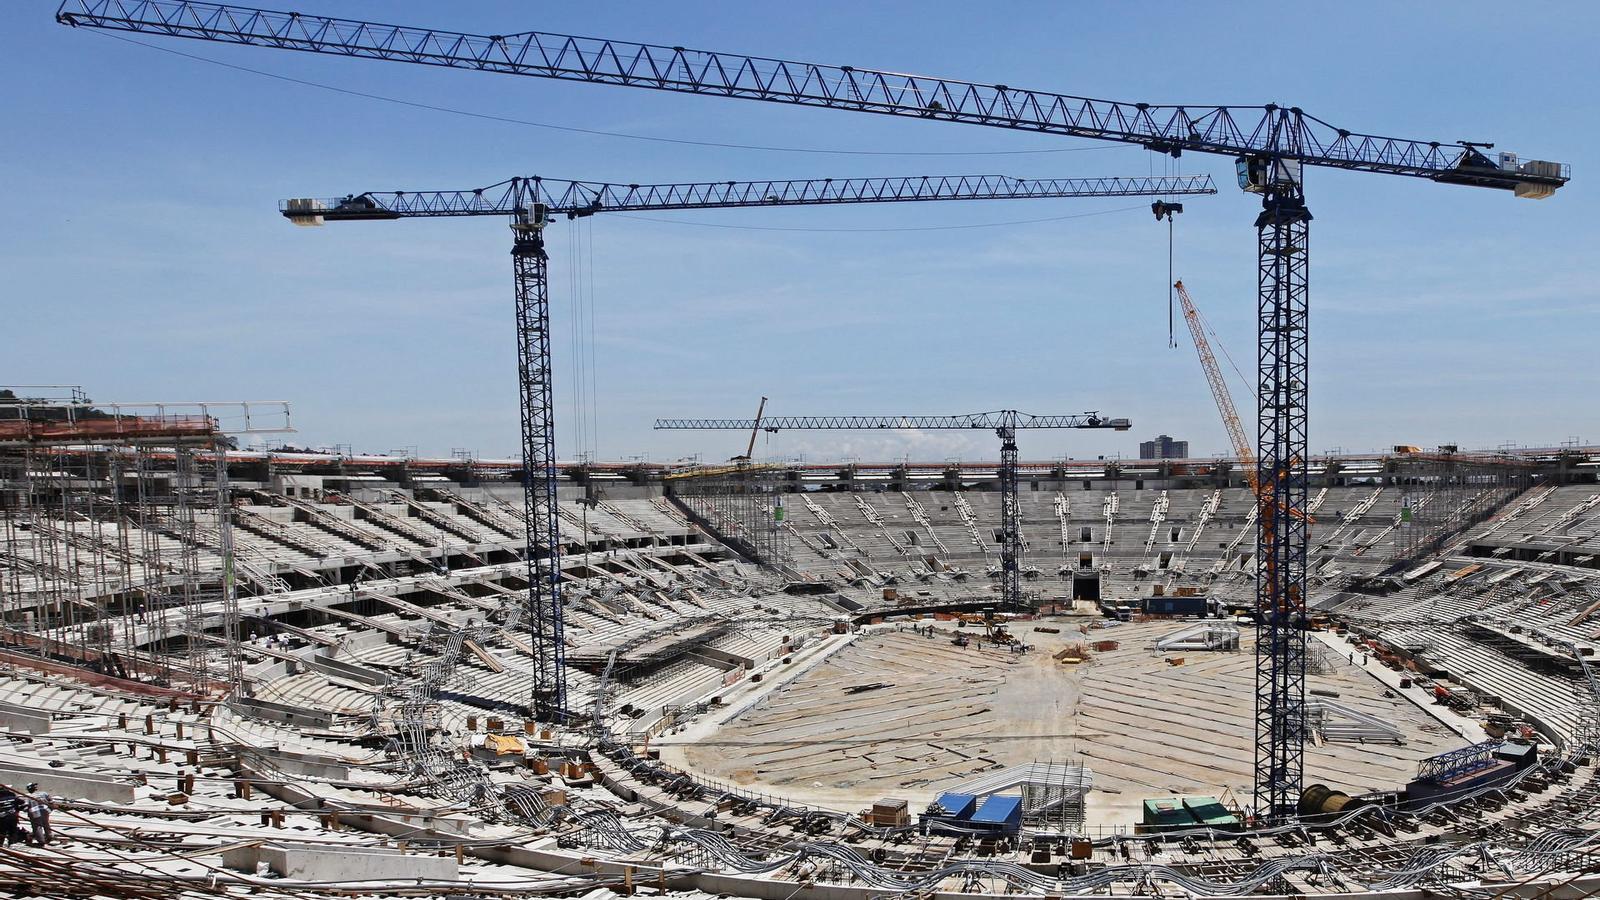 Obres de la construcció de l'estadi de Maracanà a Rio de Janeiro.